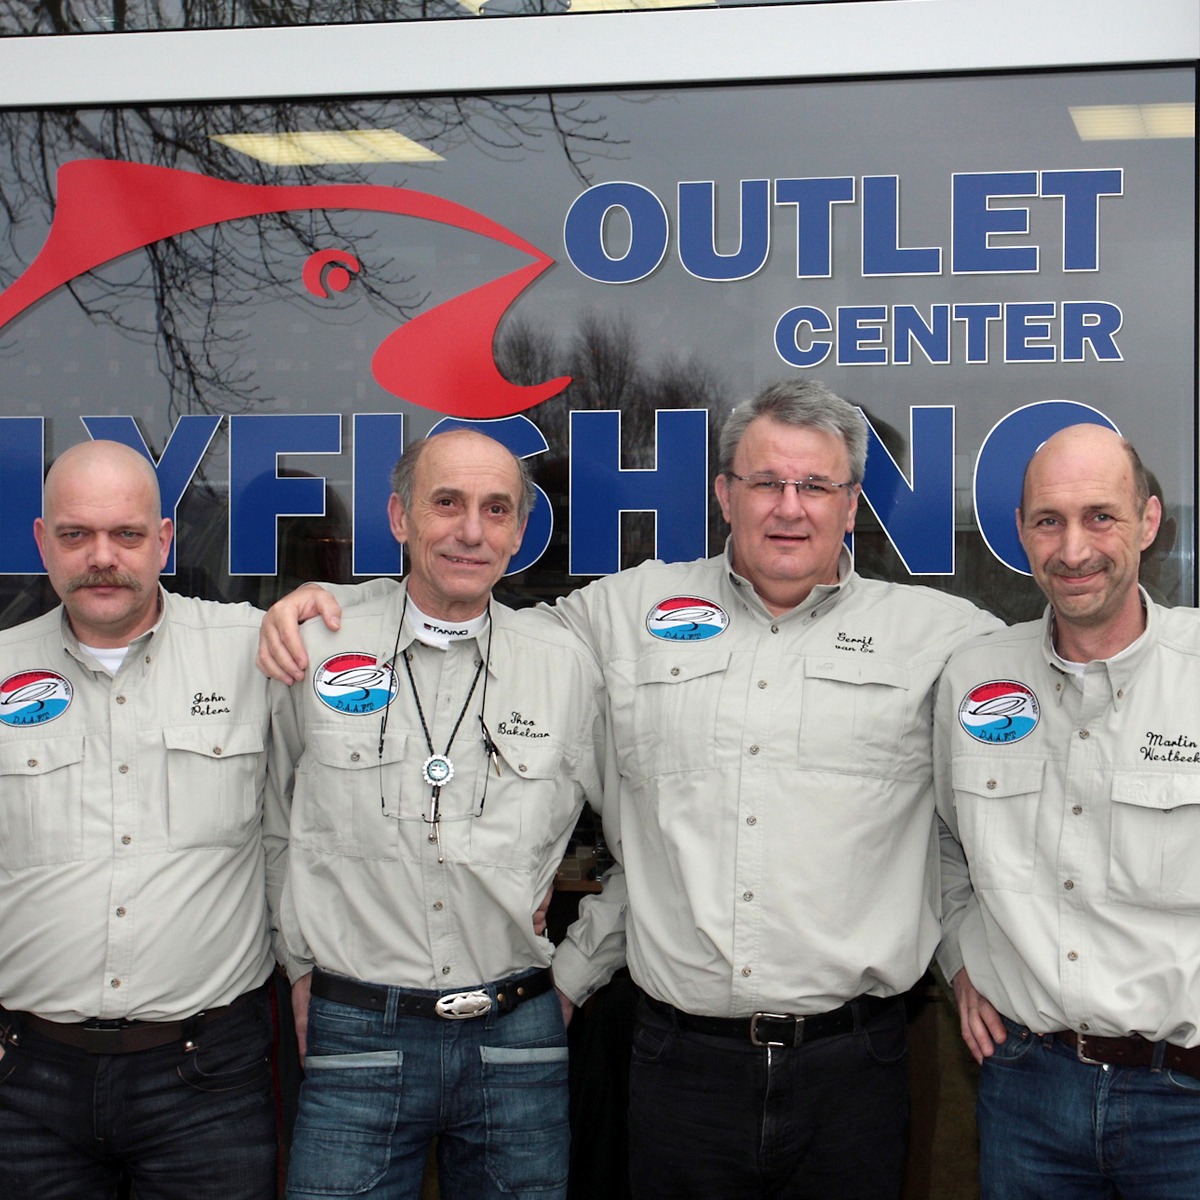 Fliegenbinder John Peters, Theo Bakelaar, Gerrit van Ee und Martin Westbeek